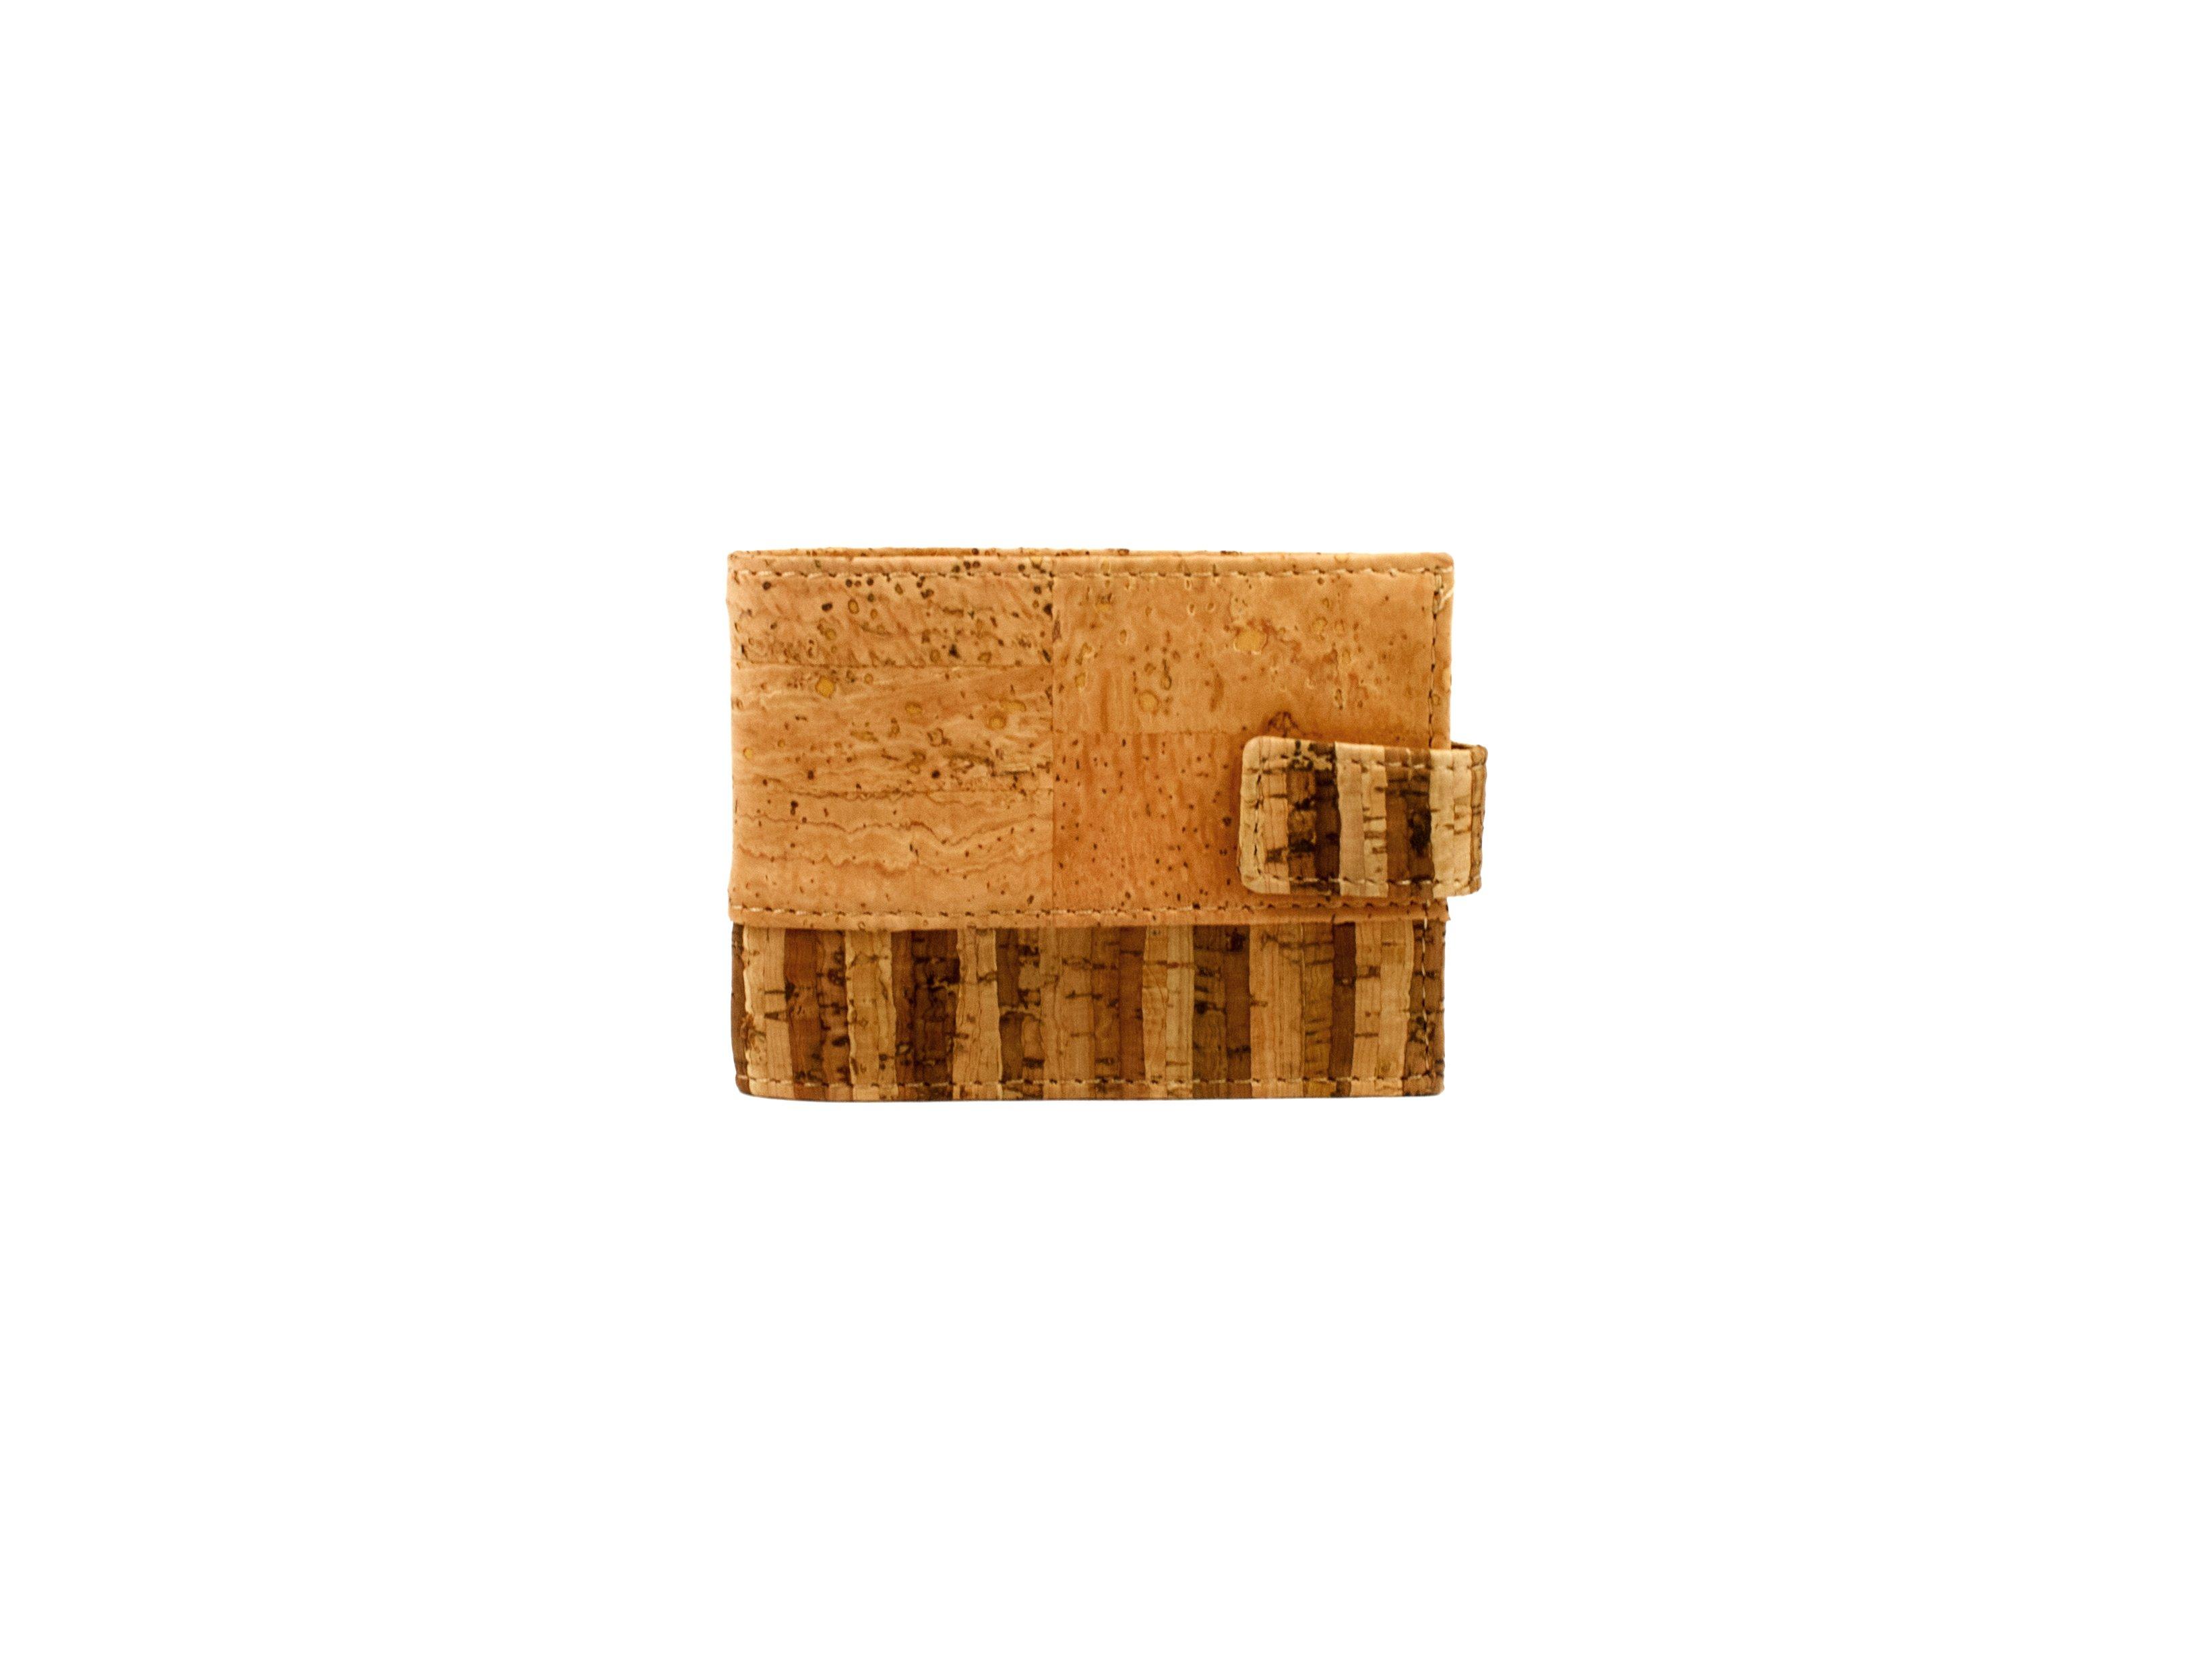 Buy cork wallet t78. Buy cork wallet t78 in Spain. Buy cork wallet t78 in Portugal. Buy cork wallet t78 in the Canary Islands